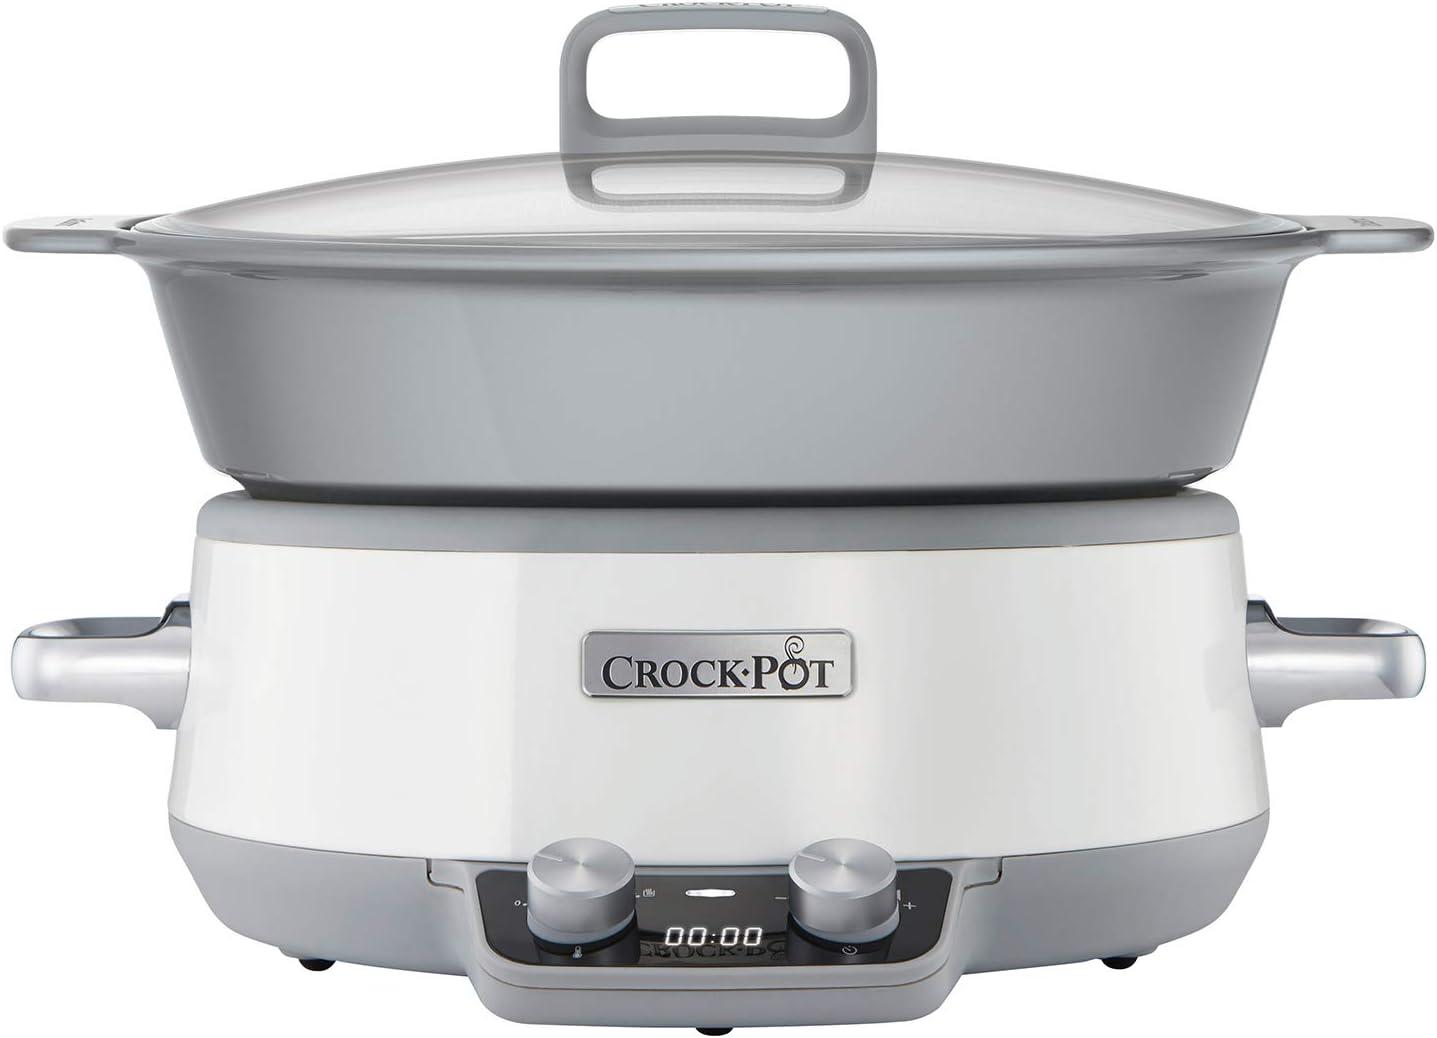 Crock-Pot Duraceramic CSC027X Olla de cocción Lenta Digital, Recipiente Compatible con Fuego e inducción, para Preparar Todo Tipo de Recetas, 6 litros, Acero Inoxidable, Blanco: Amazon.es: Hogar